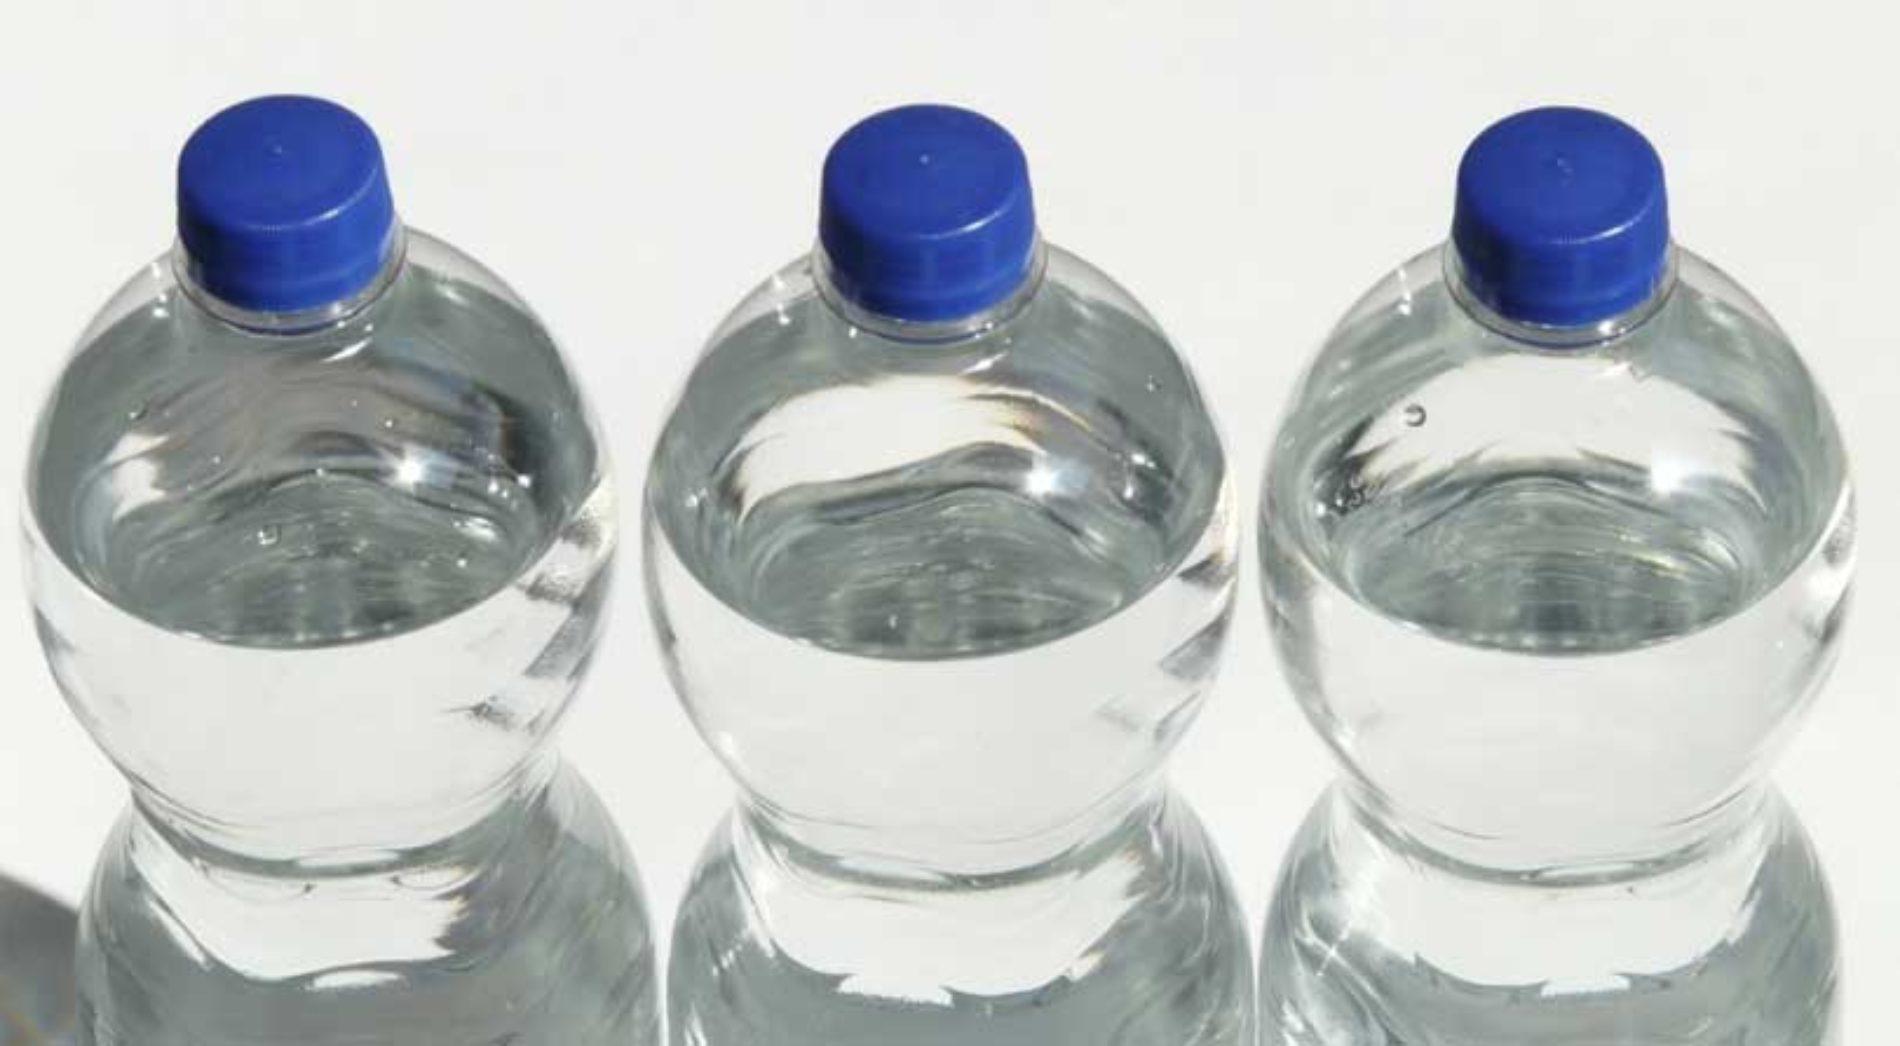 Spanske flyplasser må selge vann for 1 euro